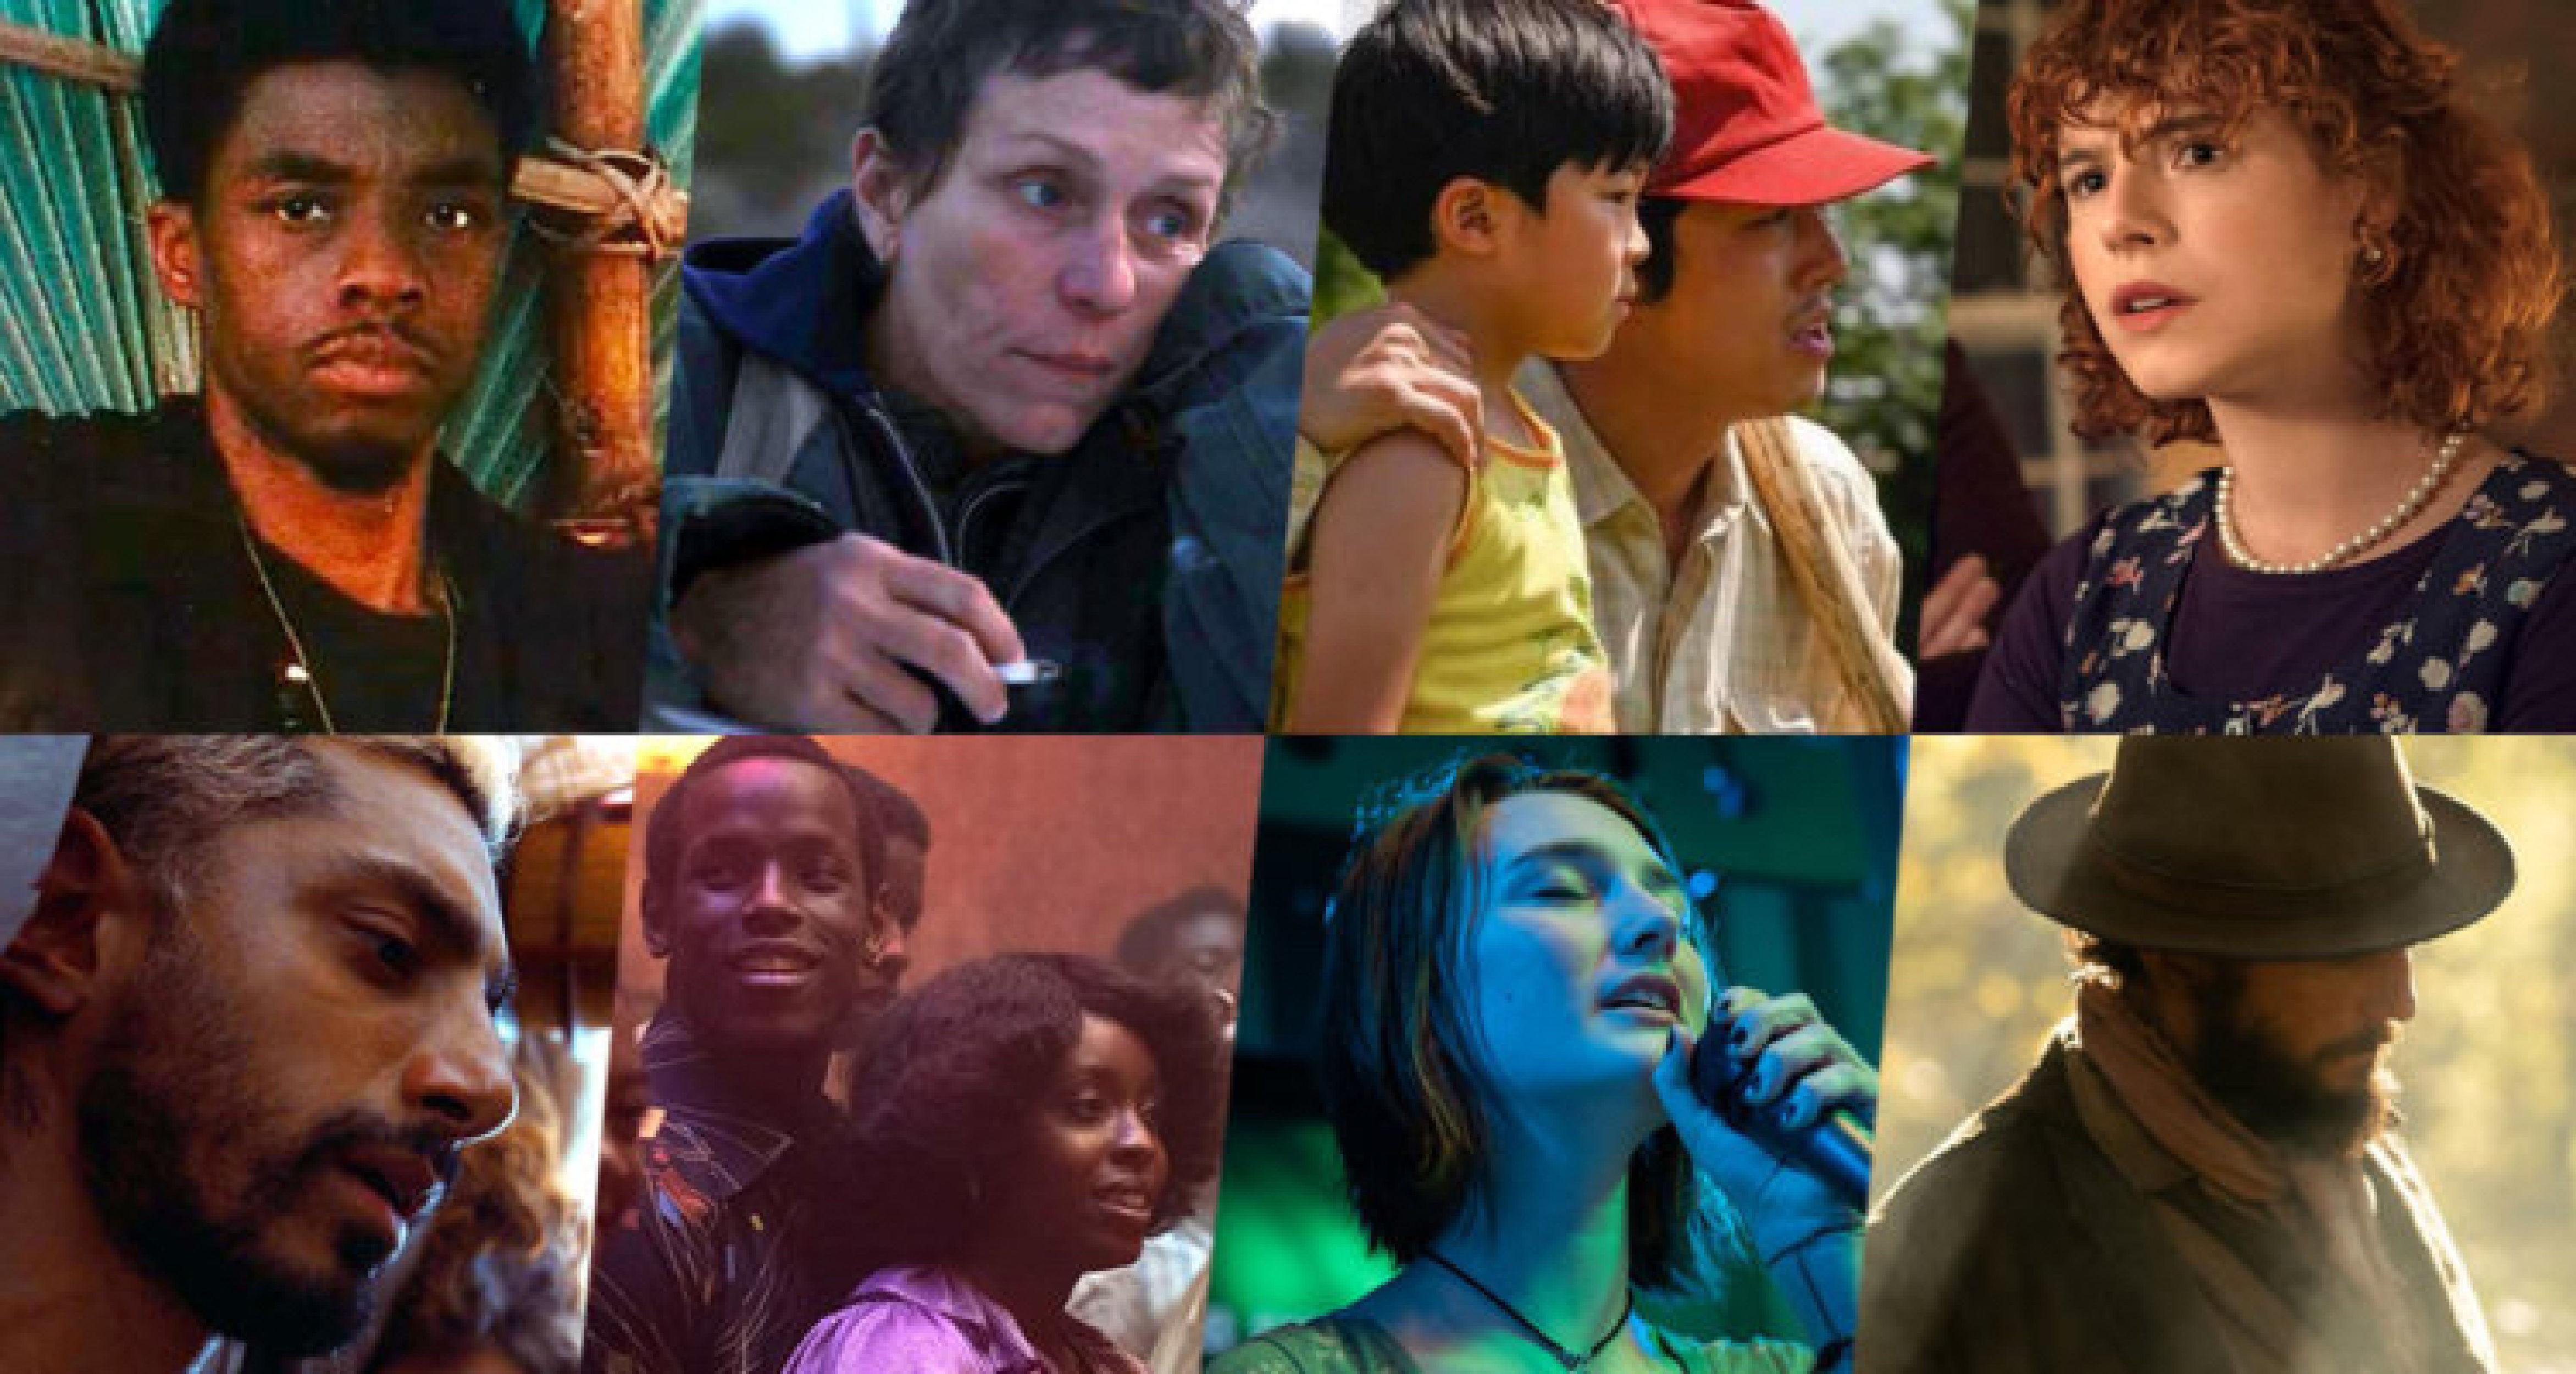 2020 in film